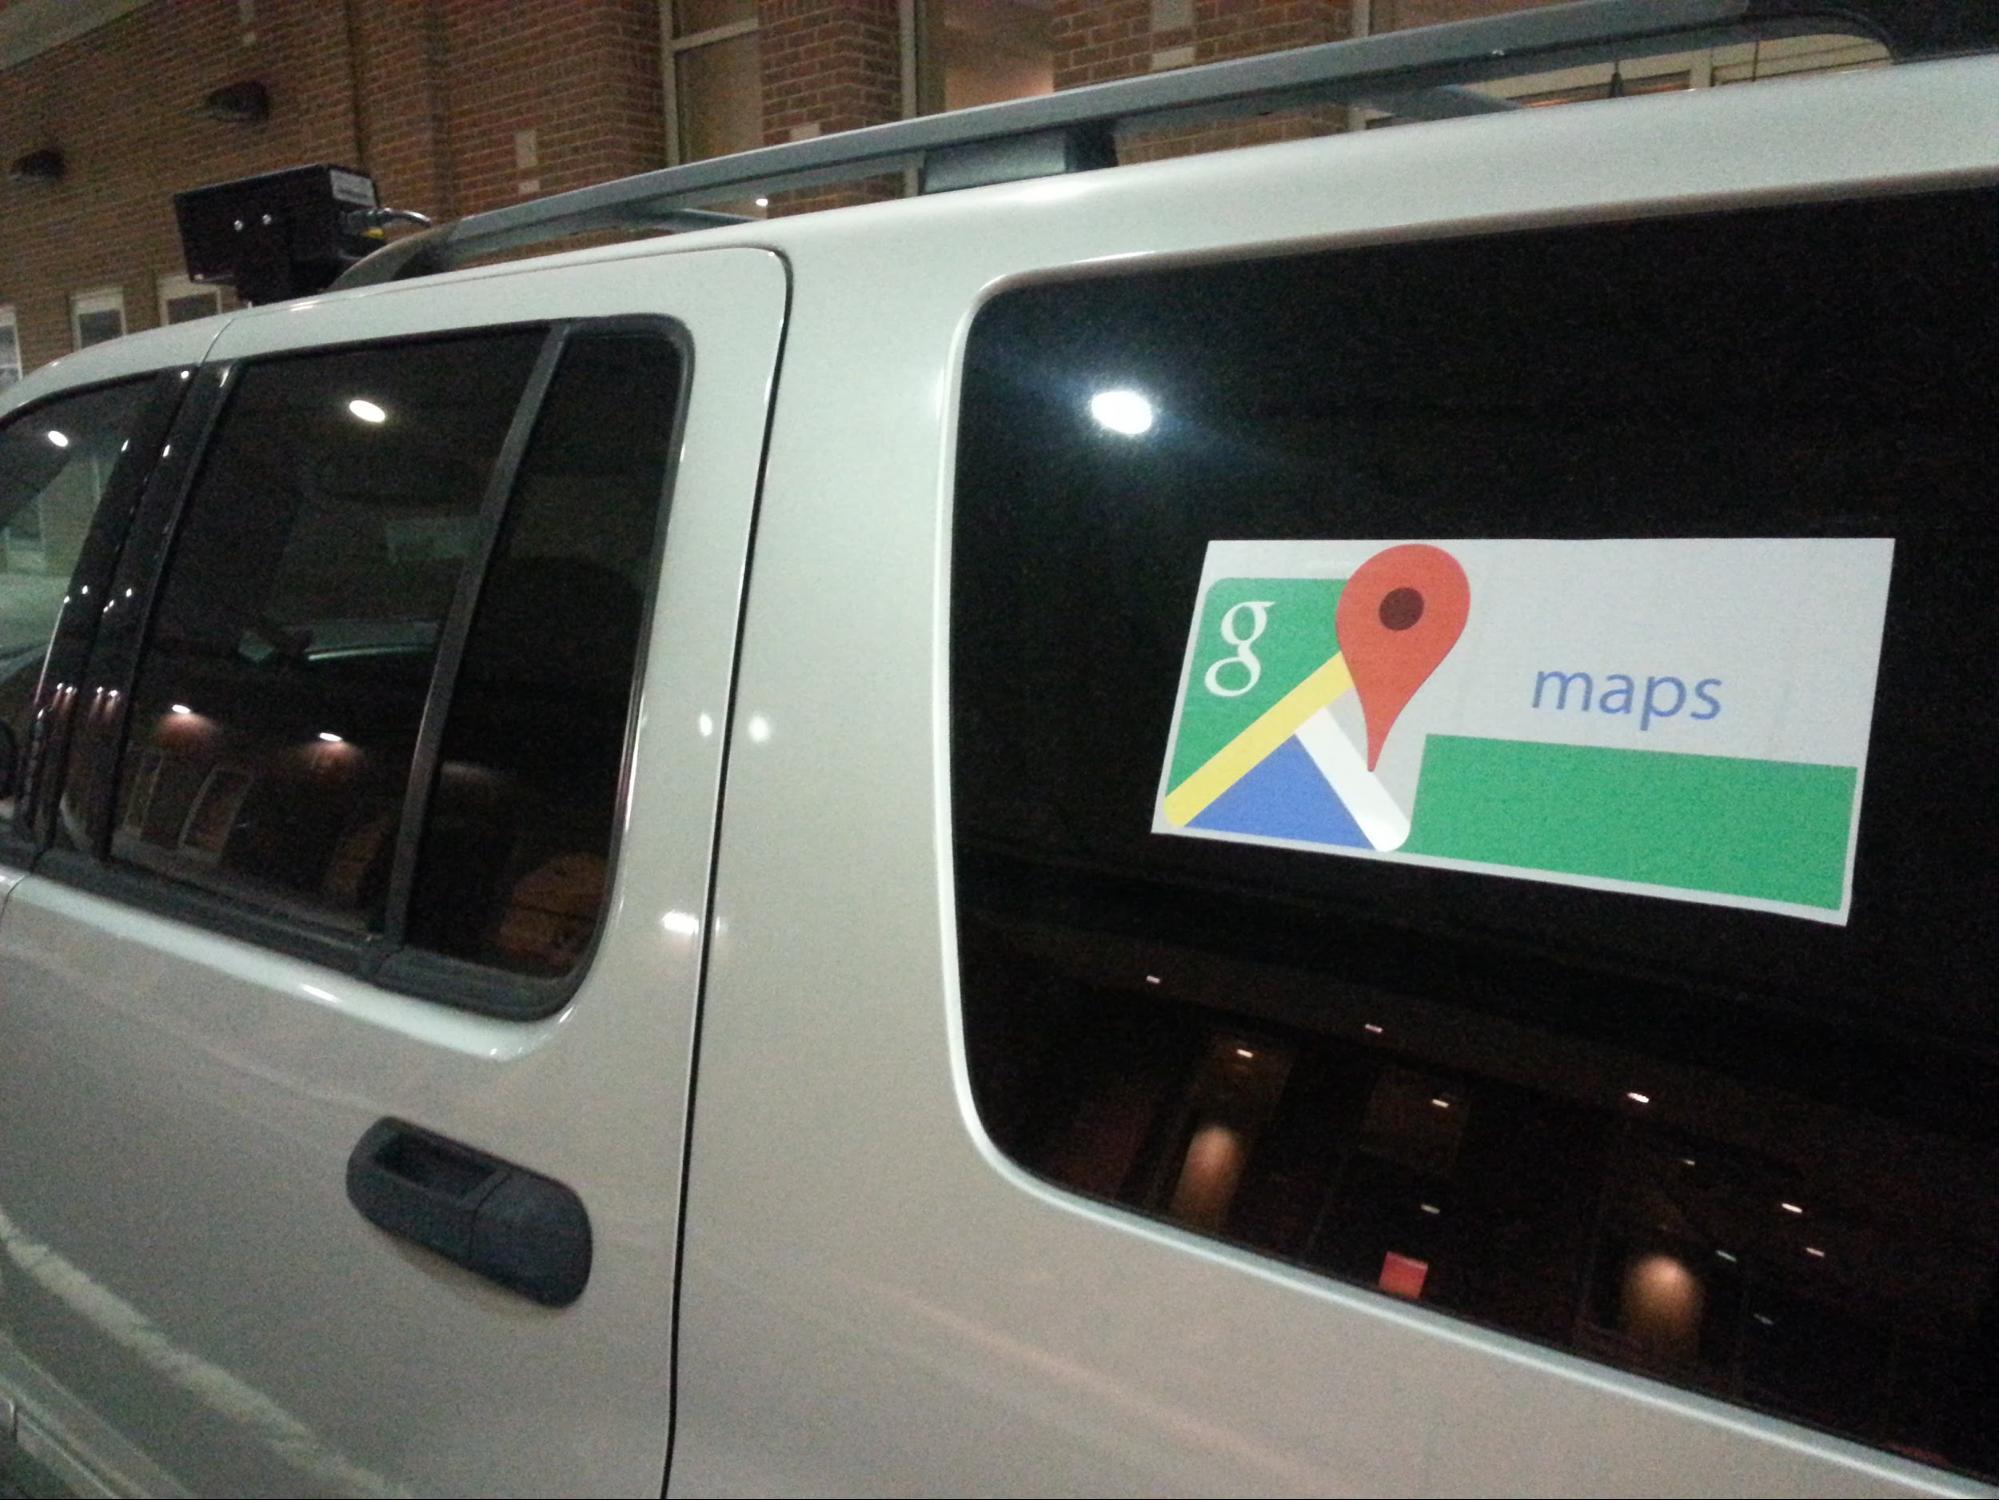 Полиция Филадельфии шпионила за гражданами, притворившись командой Google Street View - 1